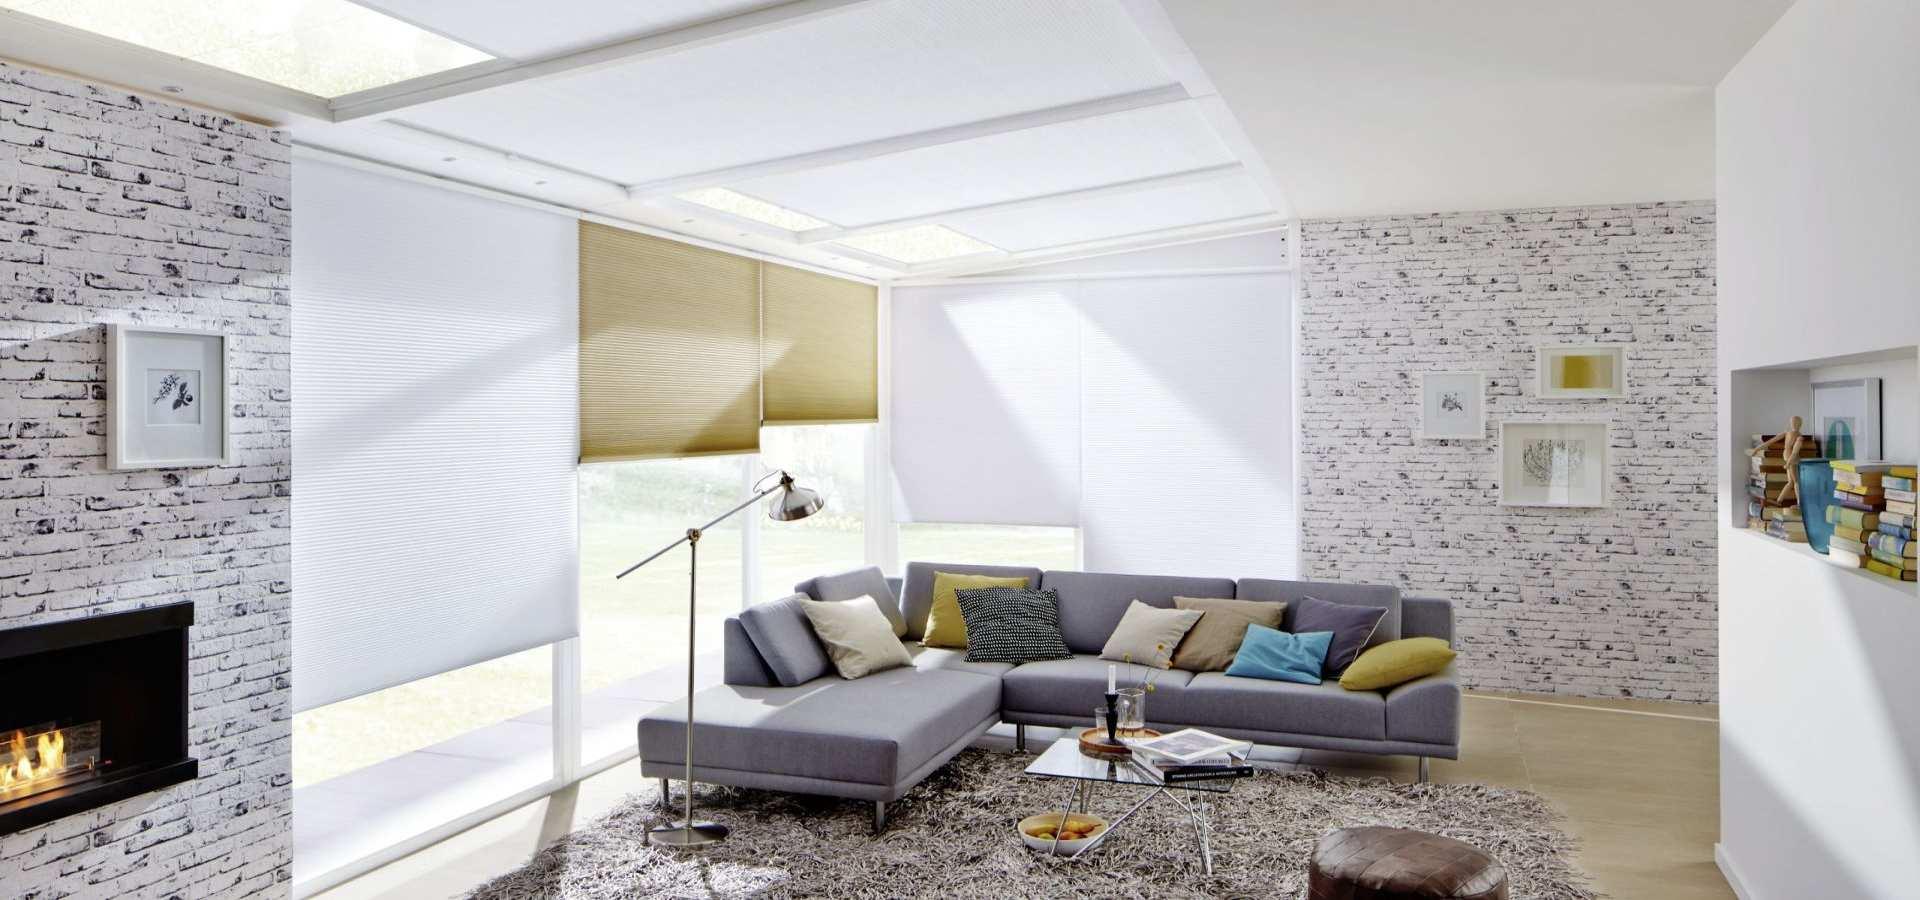 Wohnzimmer Sonnenschutz Plissee Duette weiß